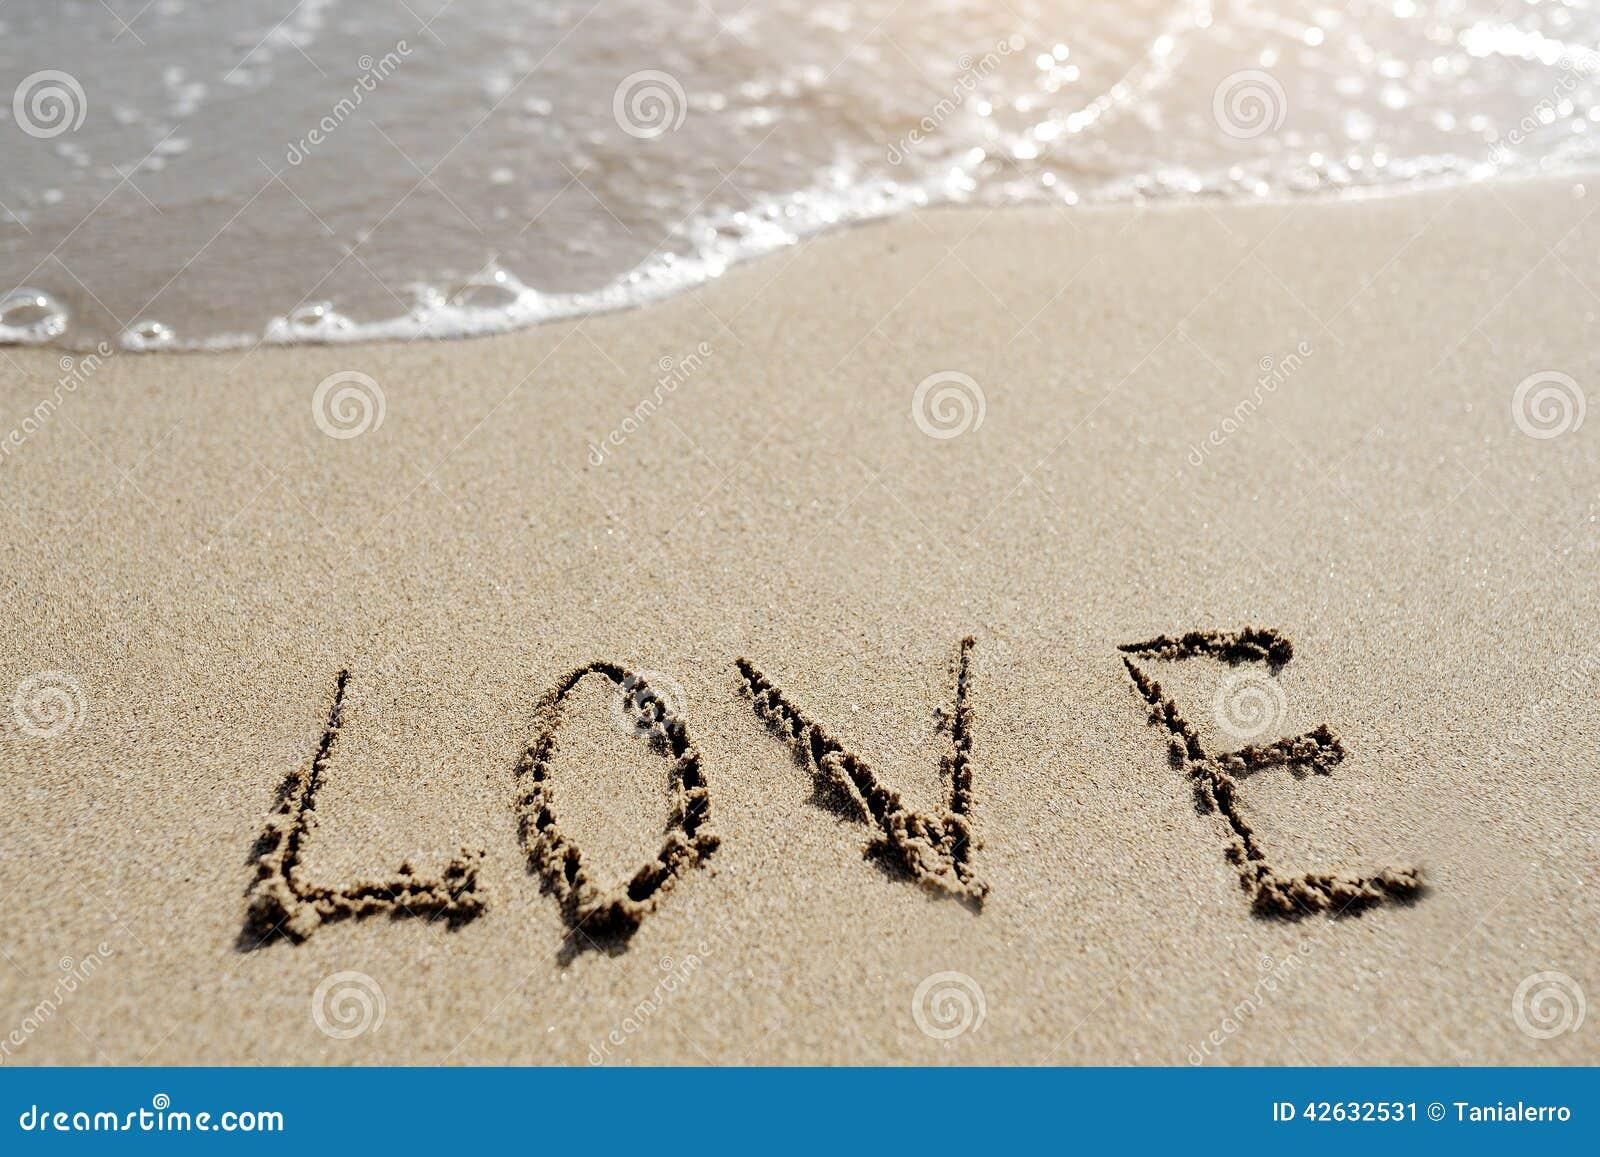 Amor Escrito En Arena: Palabra Del Amor Escrita En La Playa De La Arena Foto De